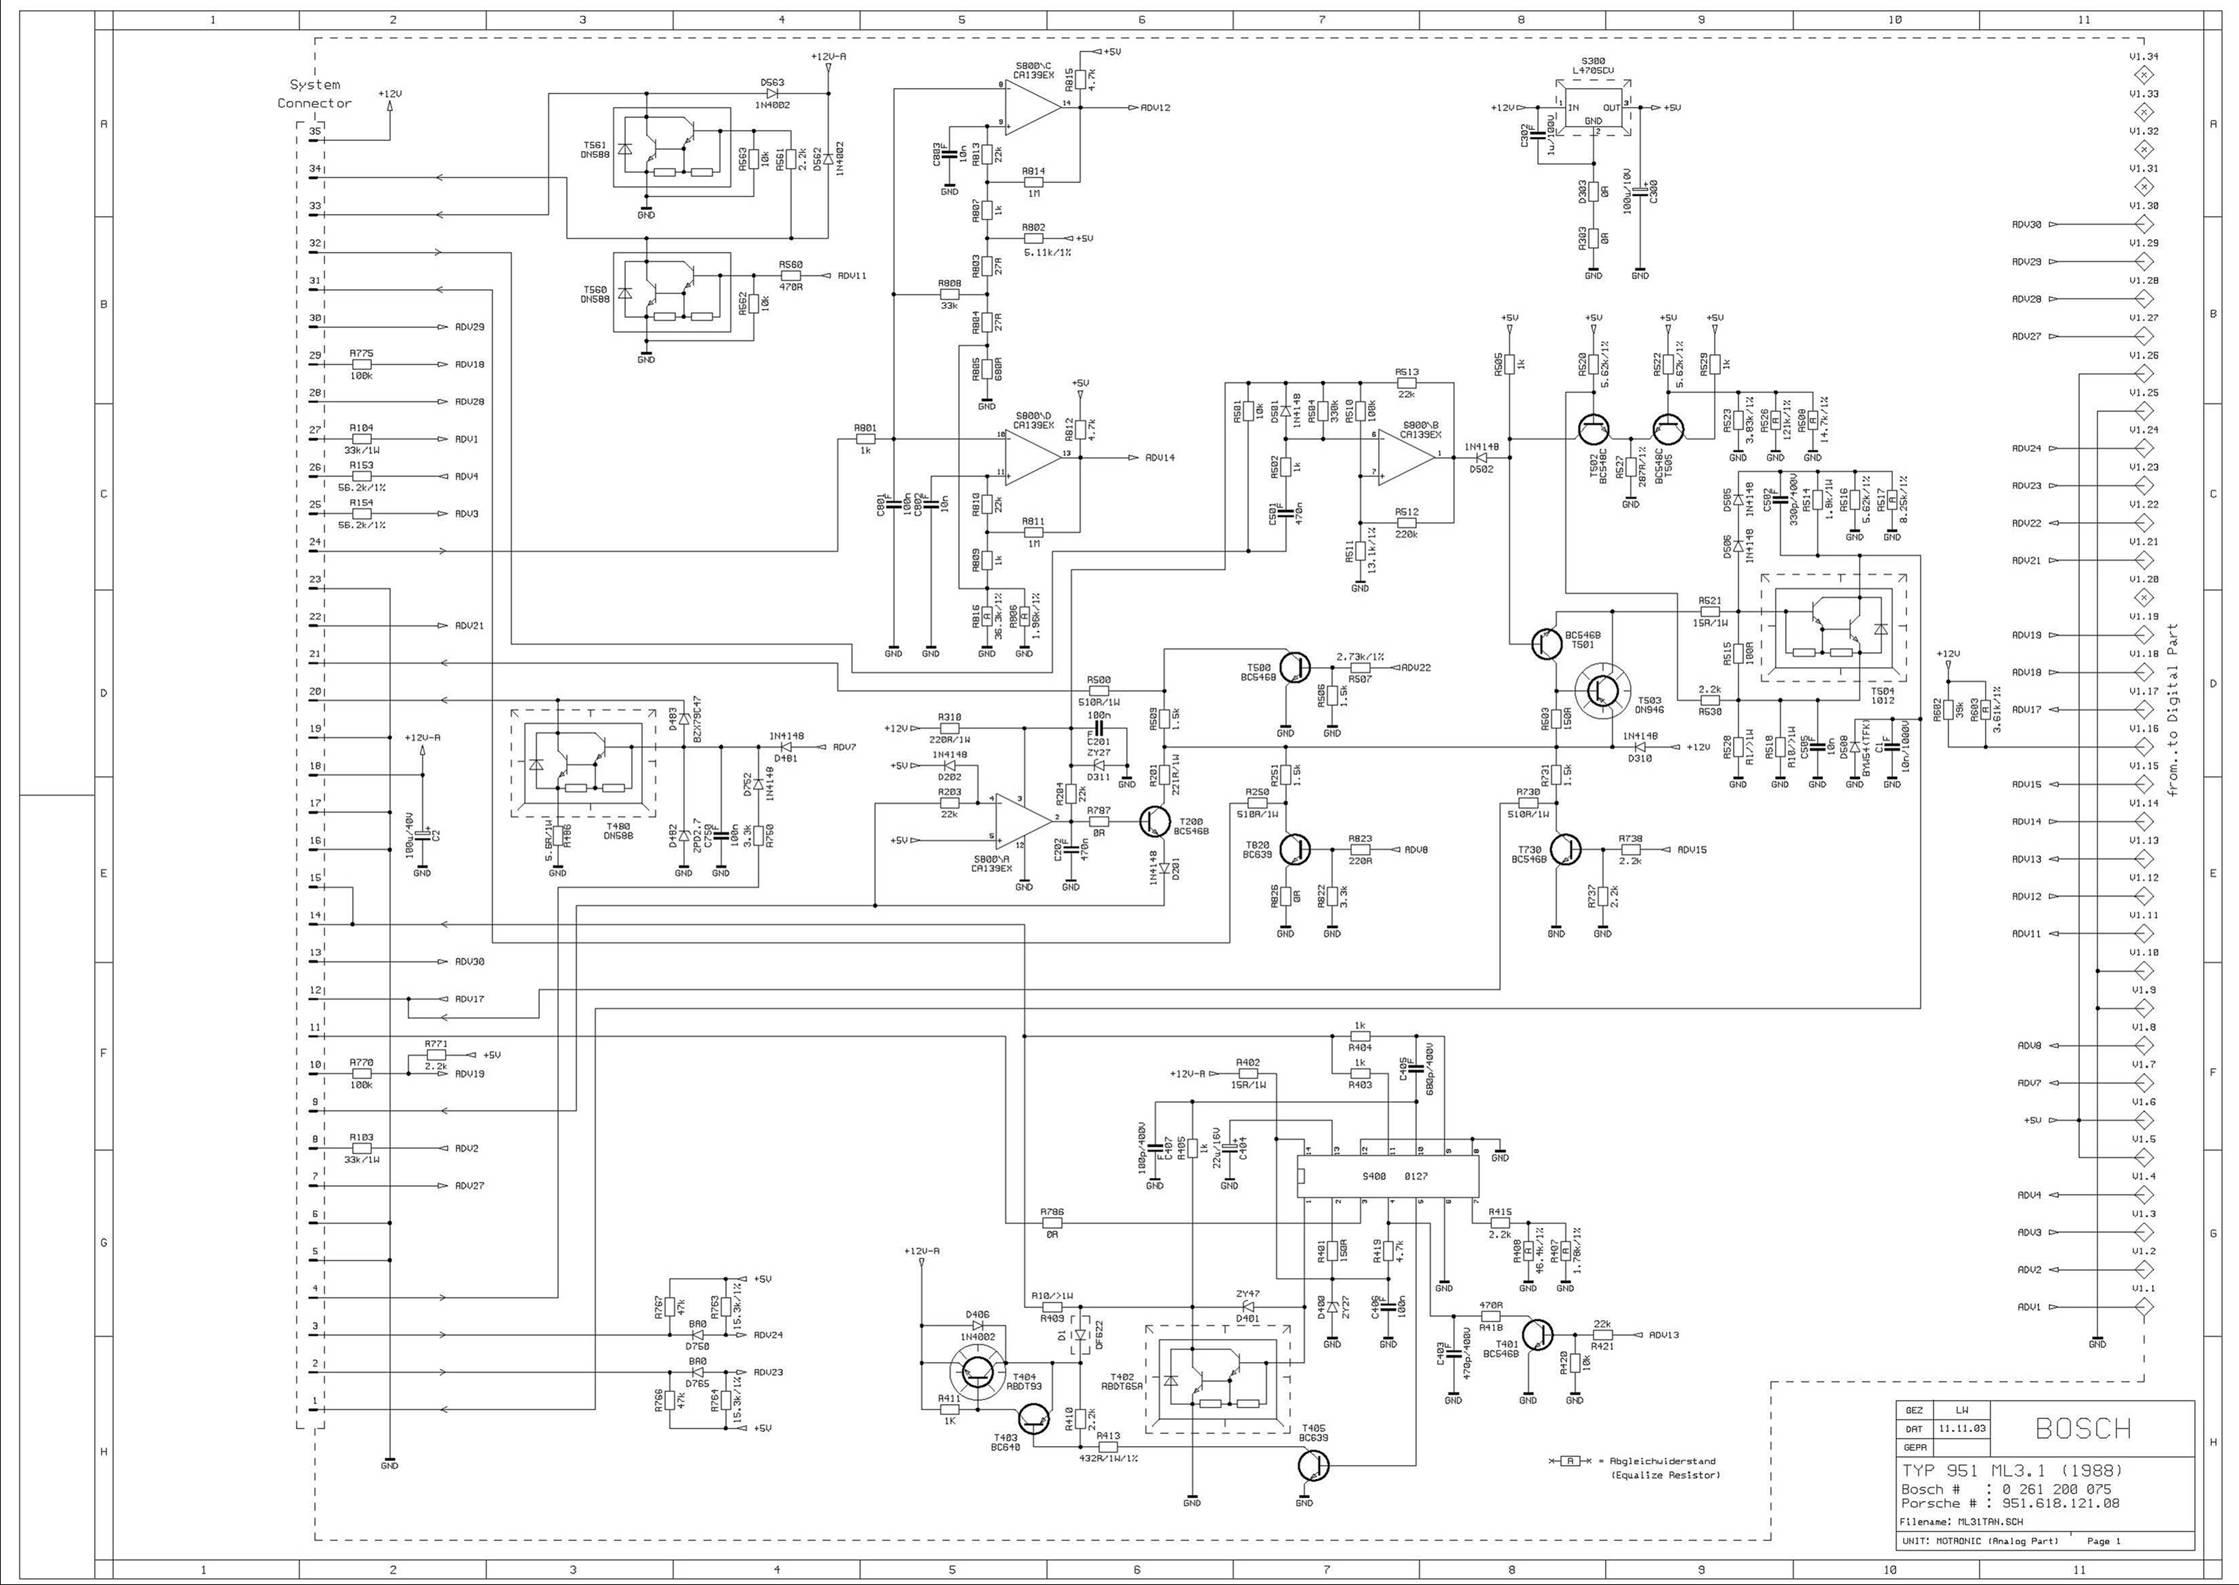 Nissan Forklift Wiring Schematic